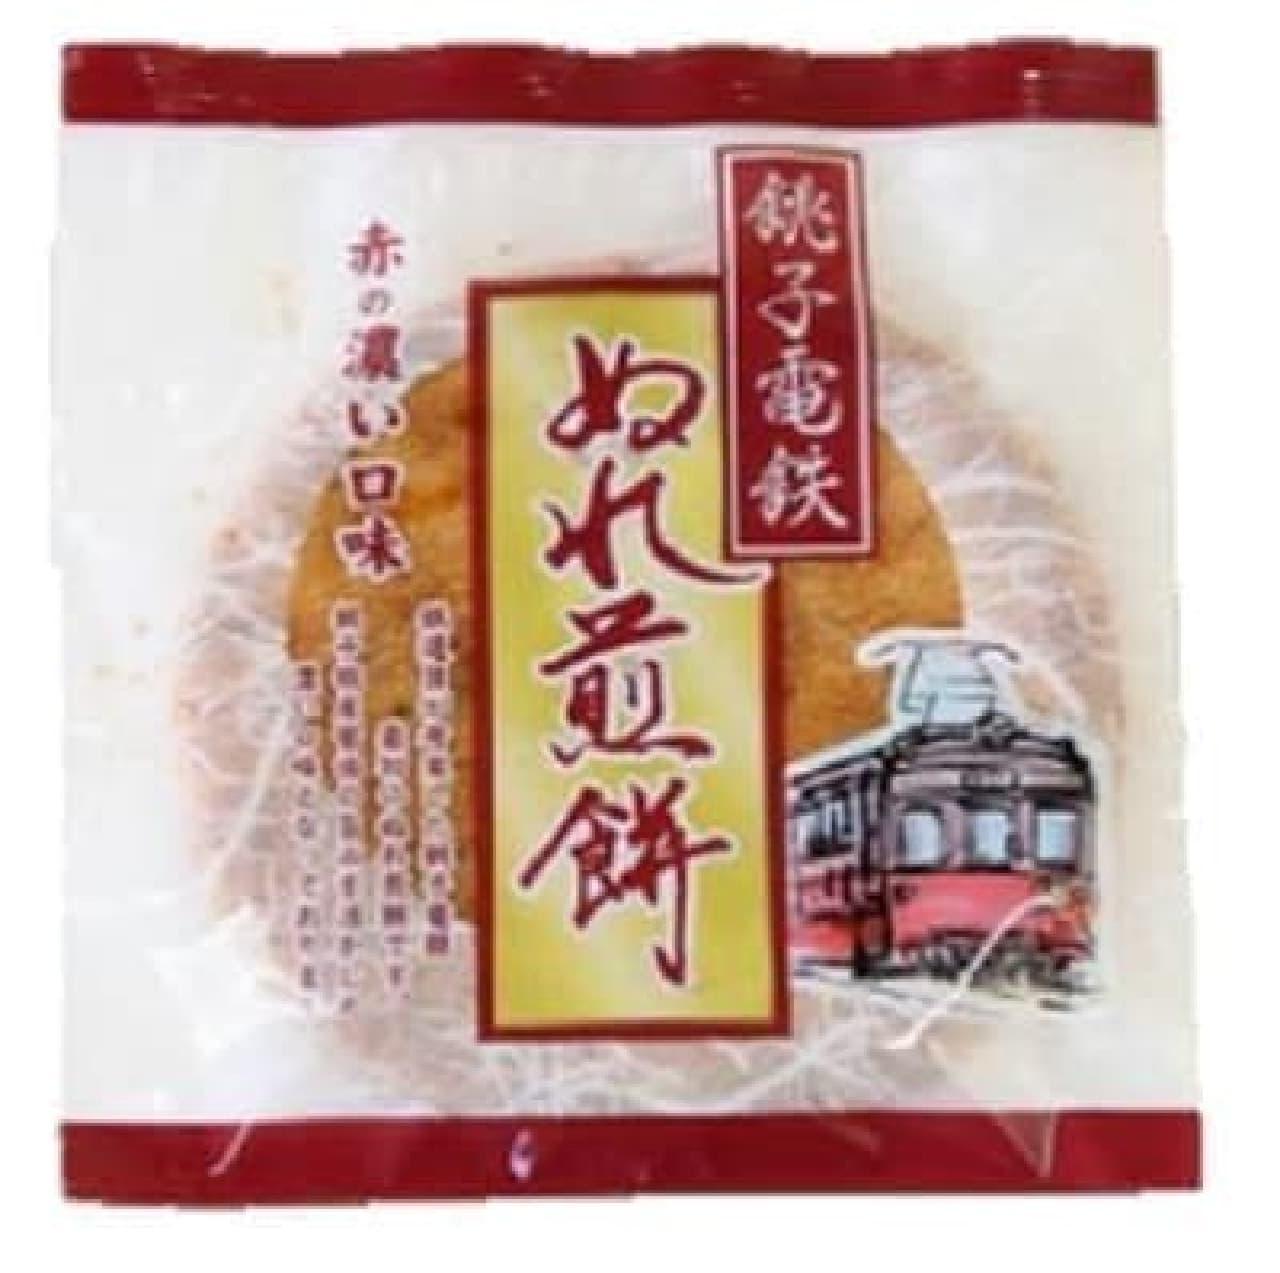 銚子電気鉄道の「ぬれ煎餅 赤の濃い口味」